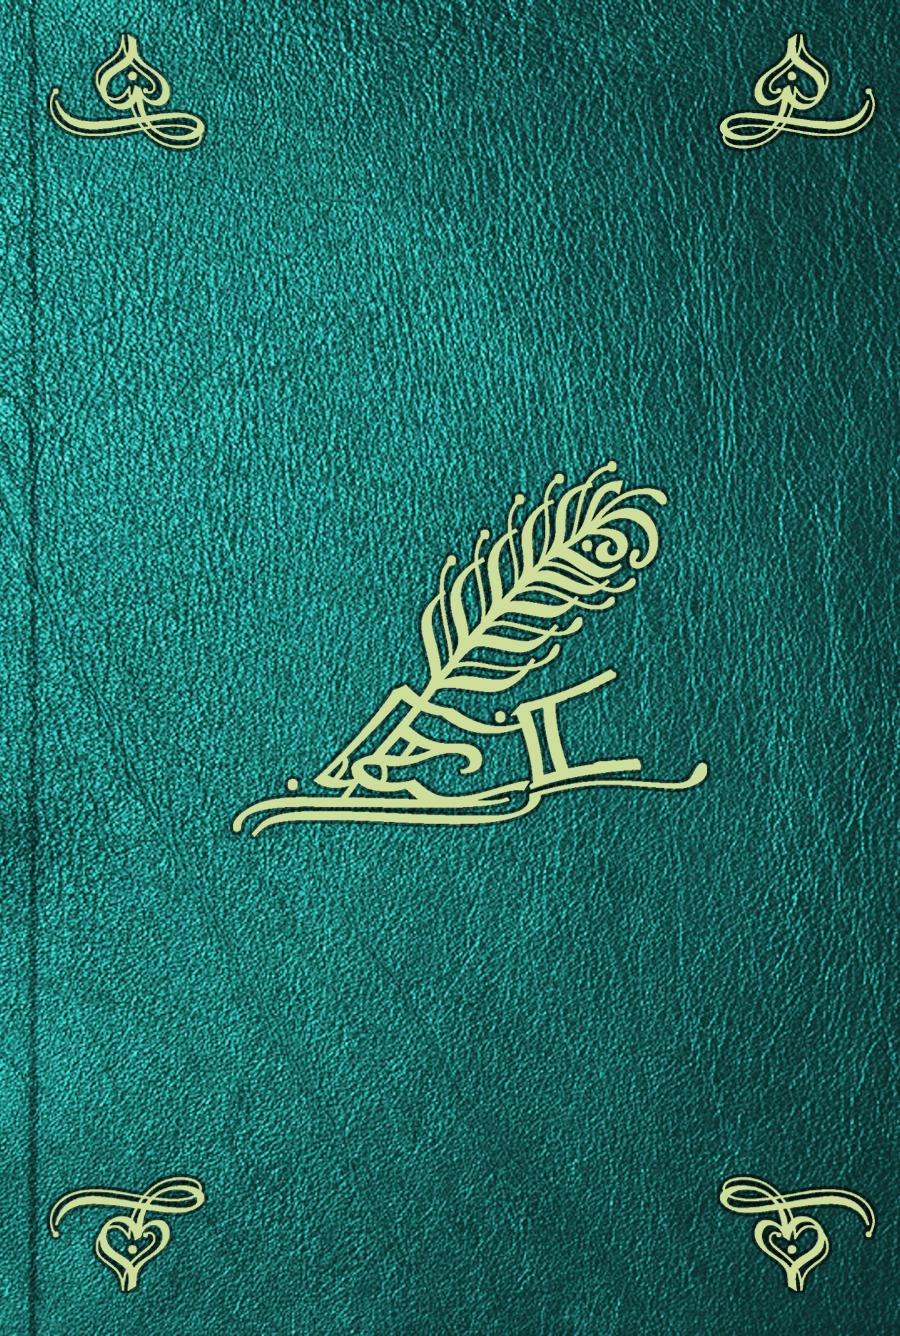 Corneille Le Brun Voyages de Corneille Le Brun par la Moscovie, en Perse, et aux Index orientales. T. 4 moritz von kotzebue voyage en perse a la suite de l ambassade russe en 1817